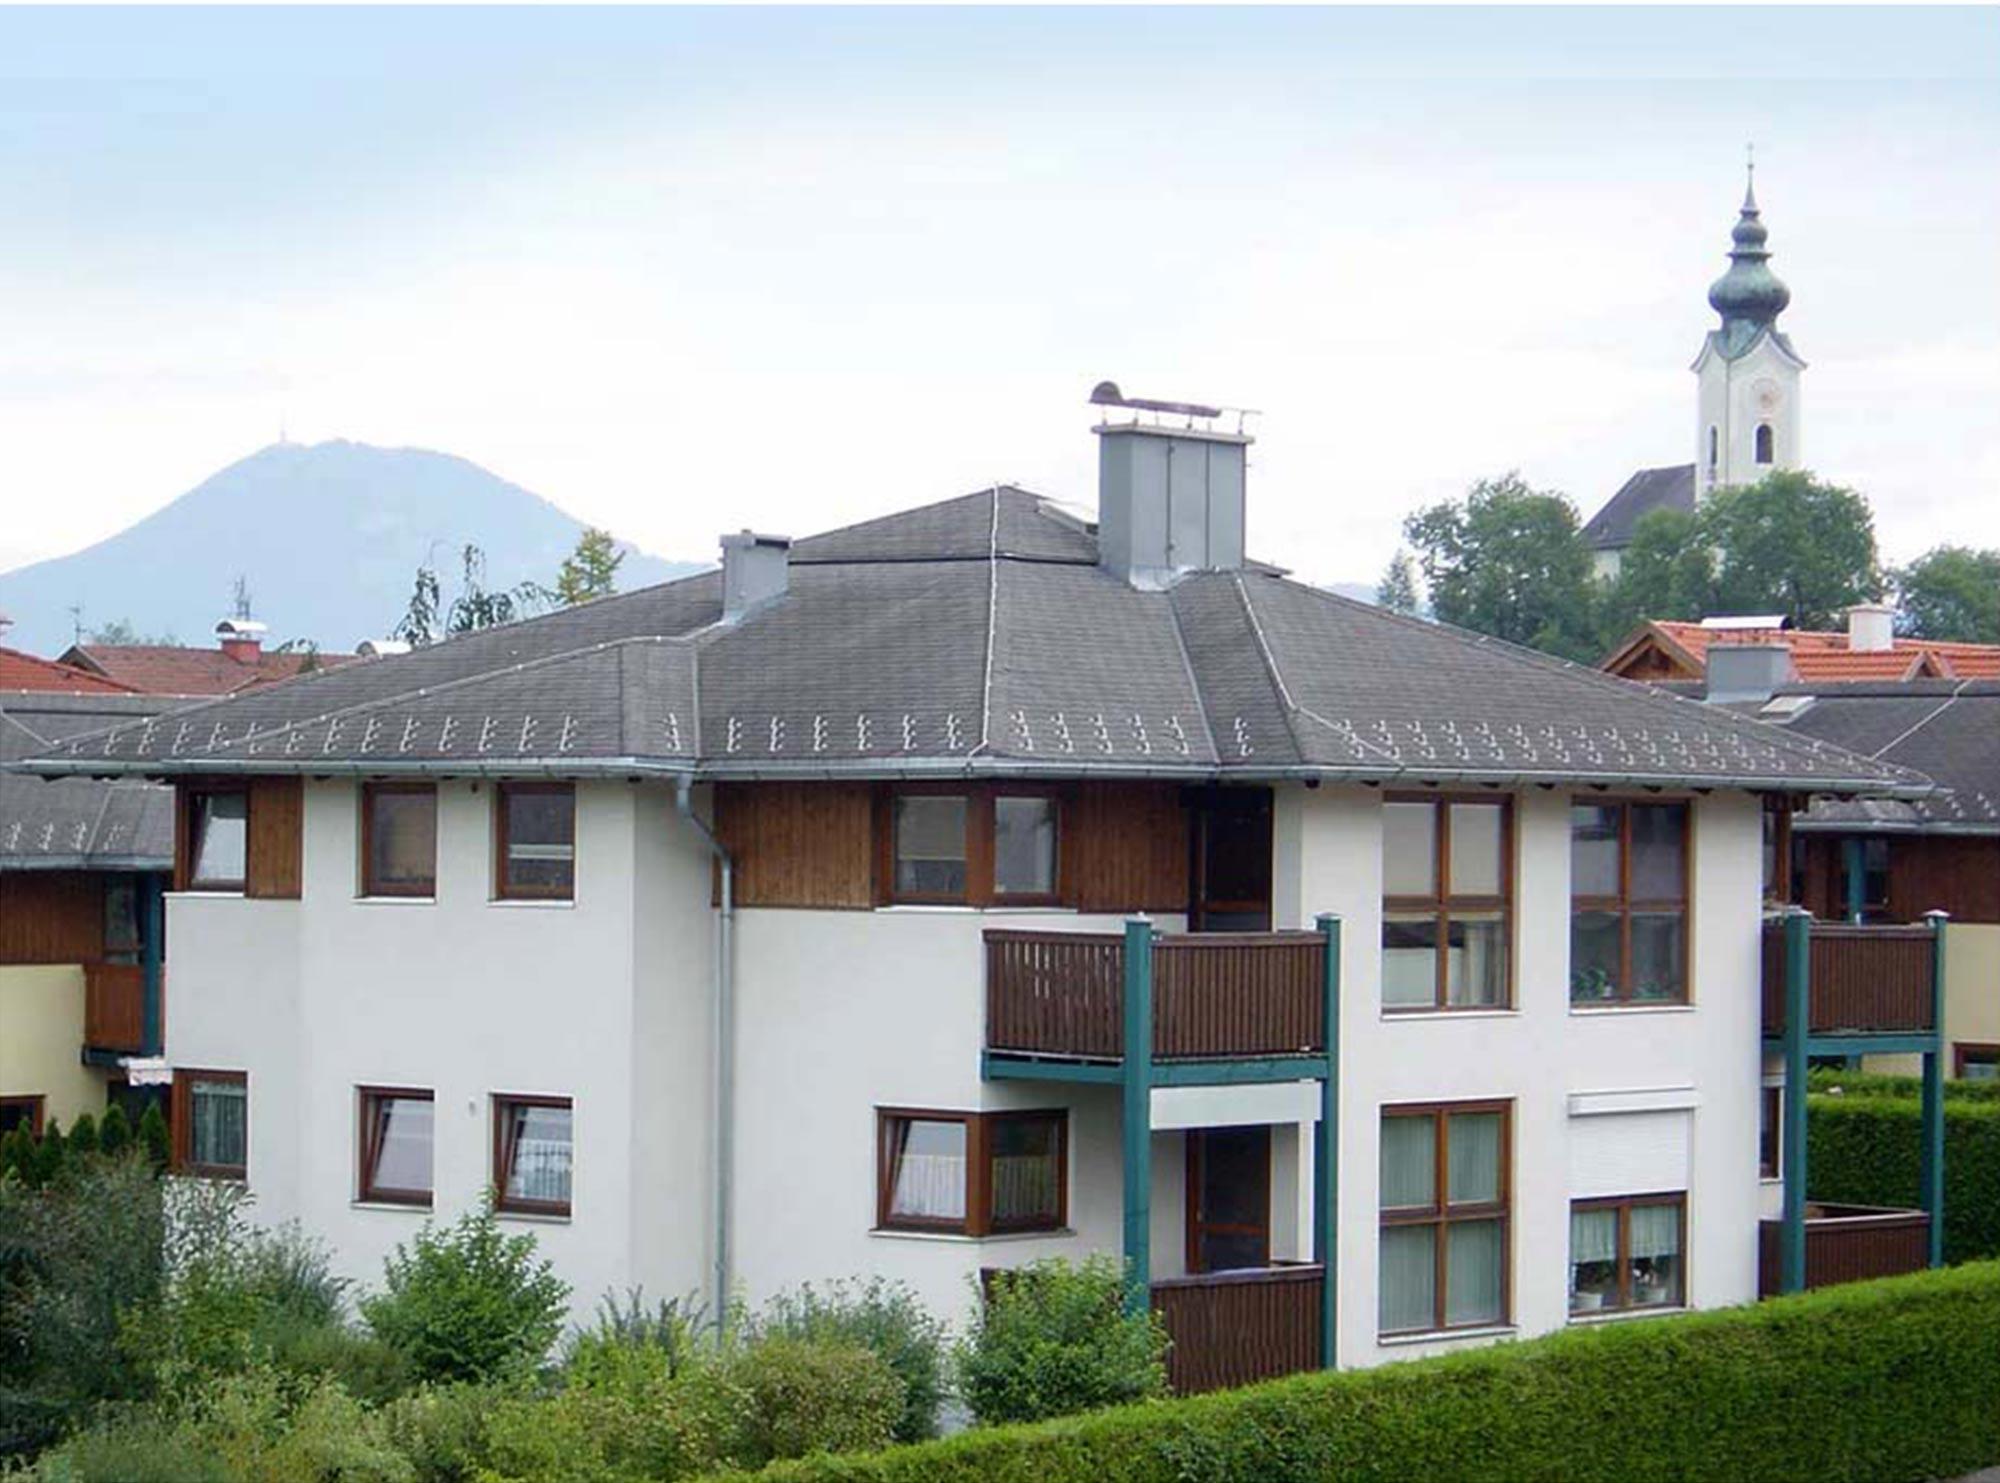 Salzburger immobilien mieten for Immobilien wohnung mieten